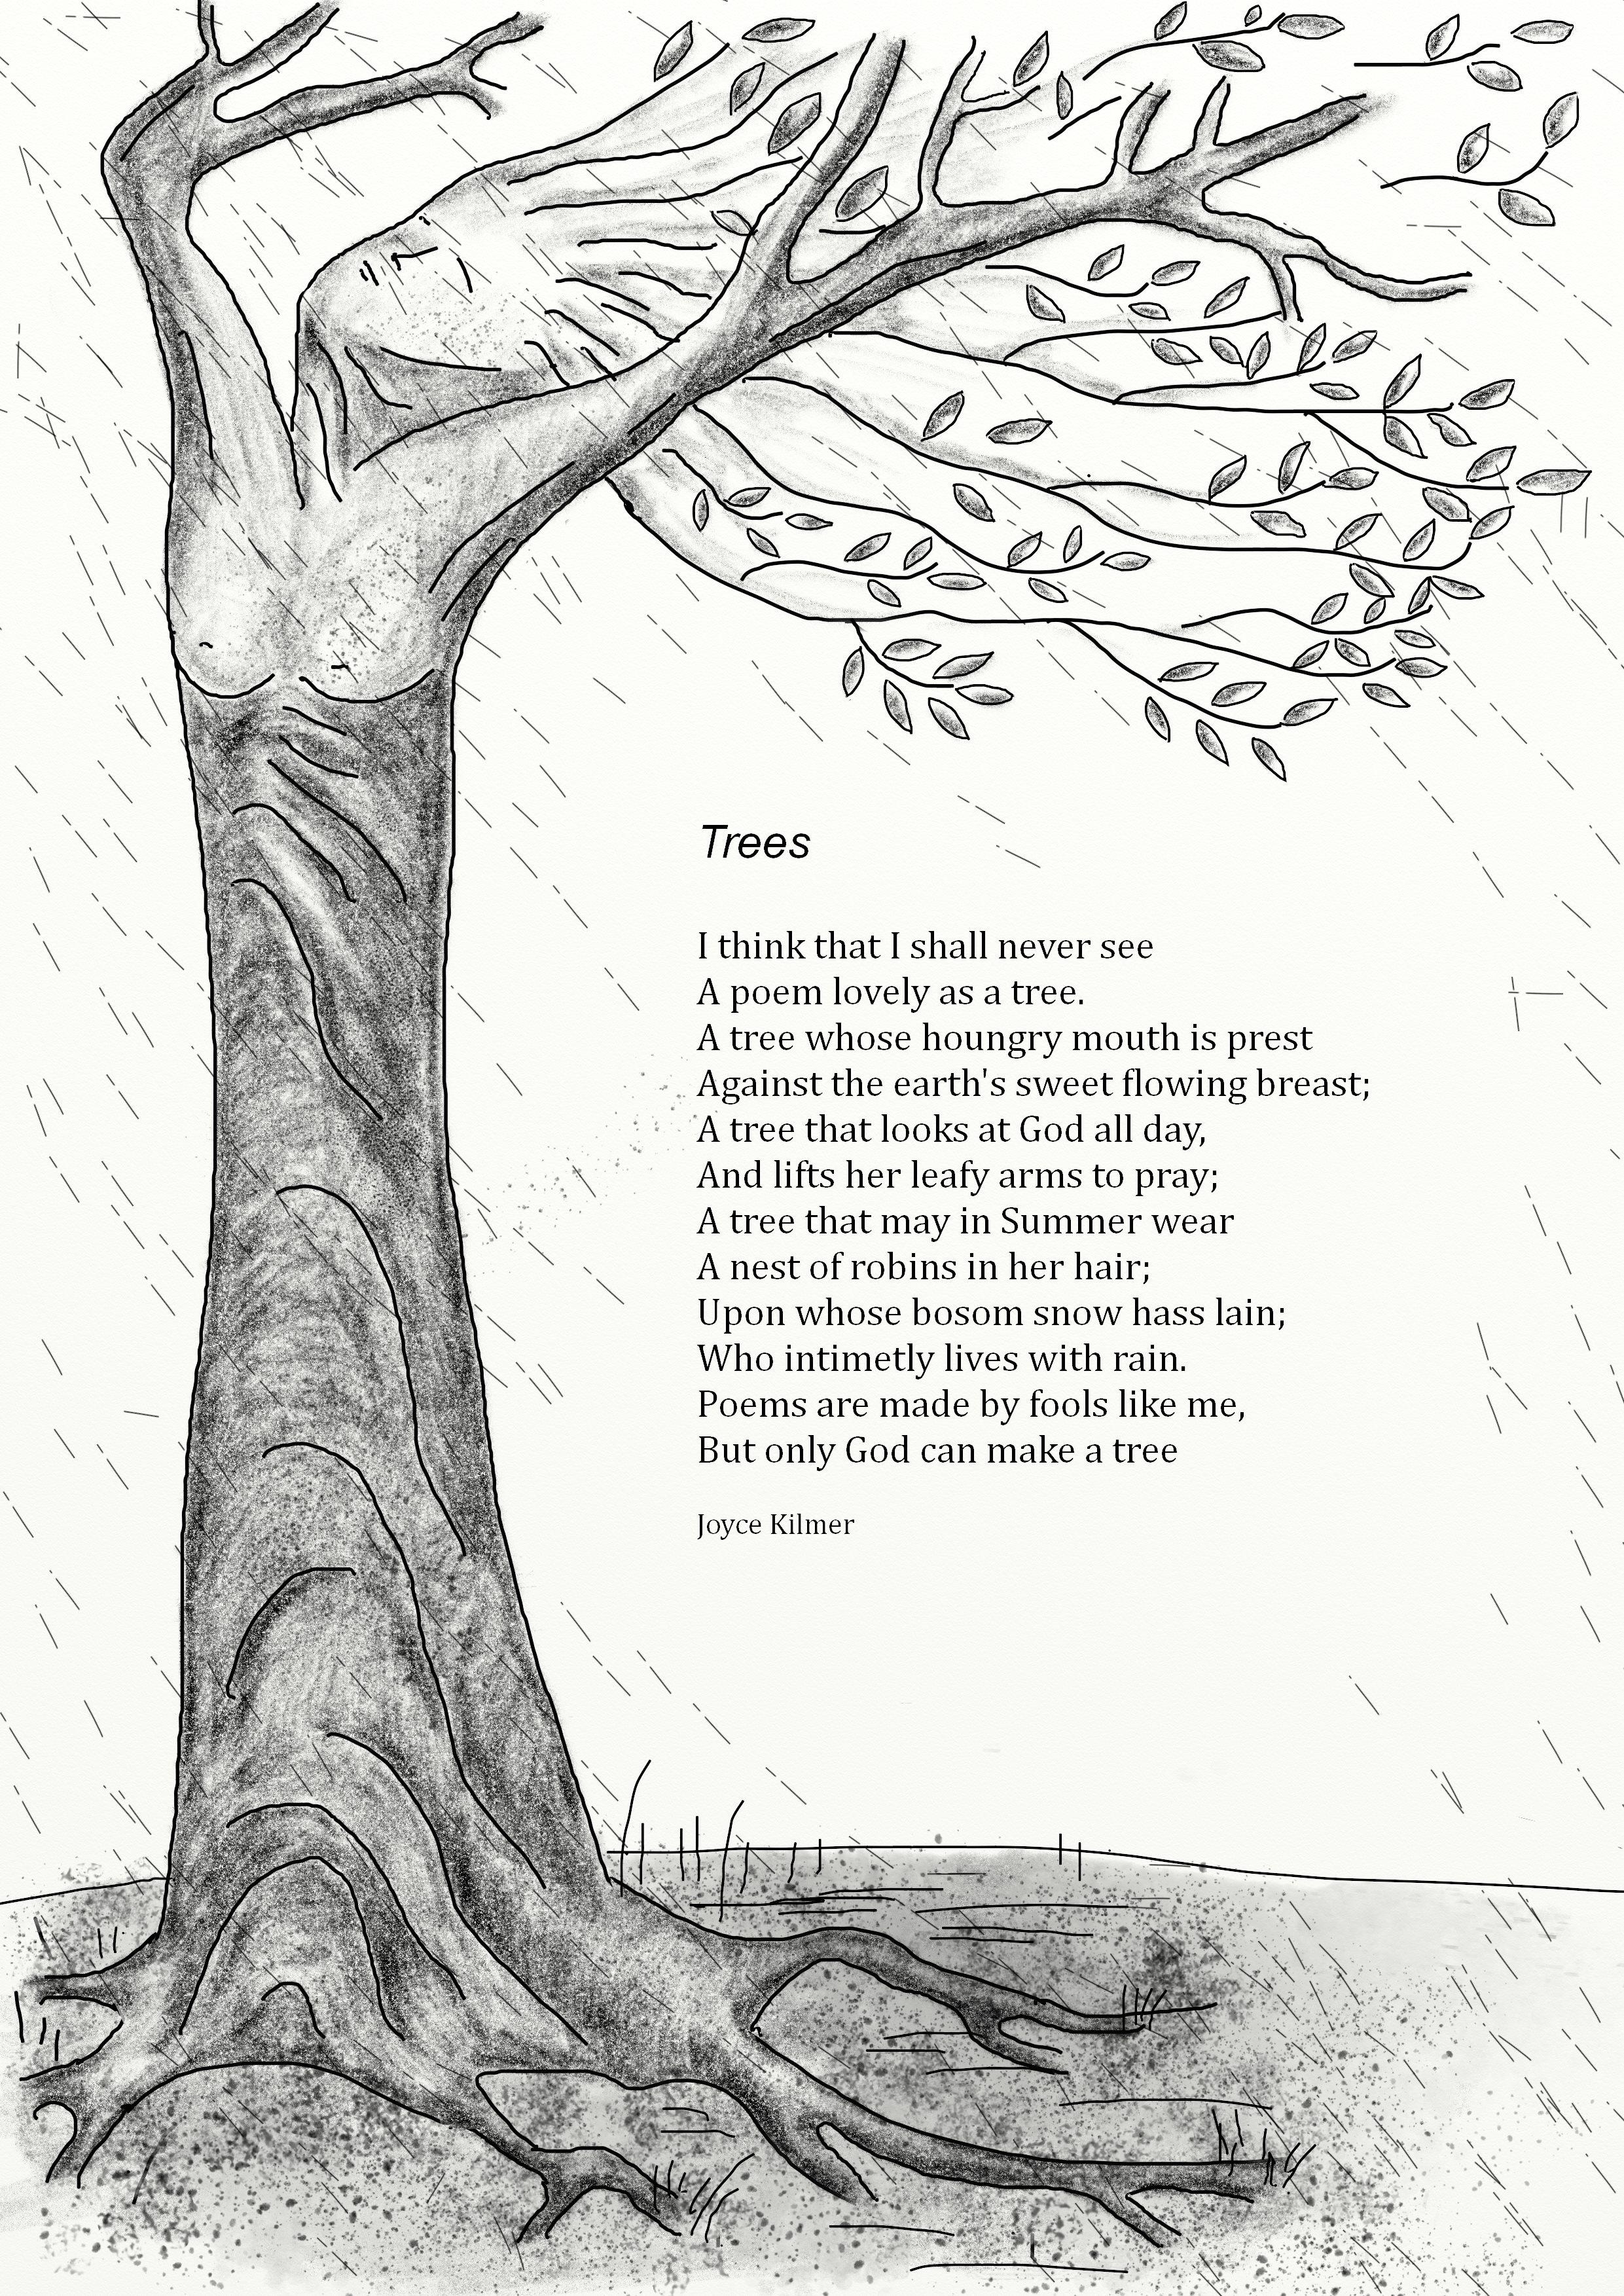 trees--poem-